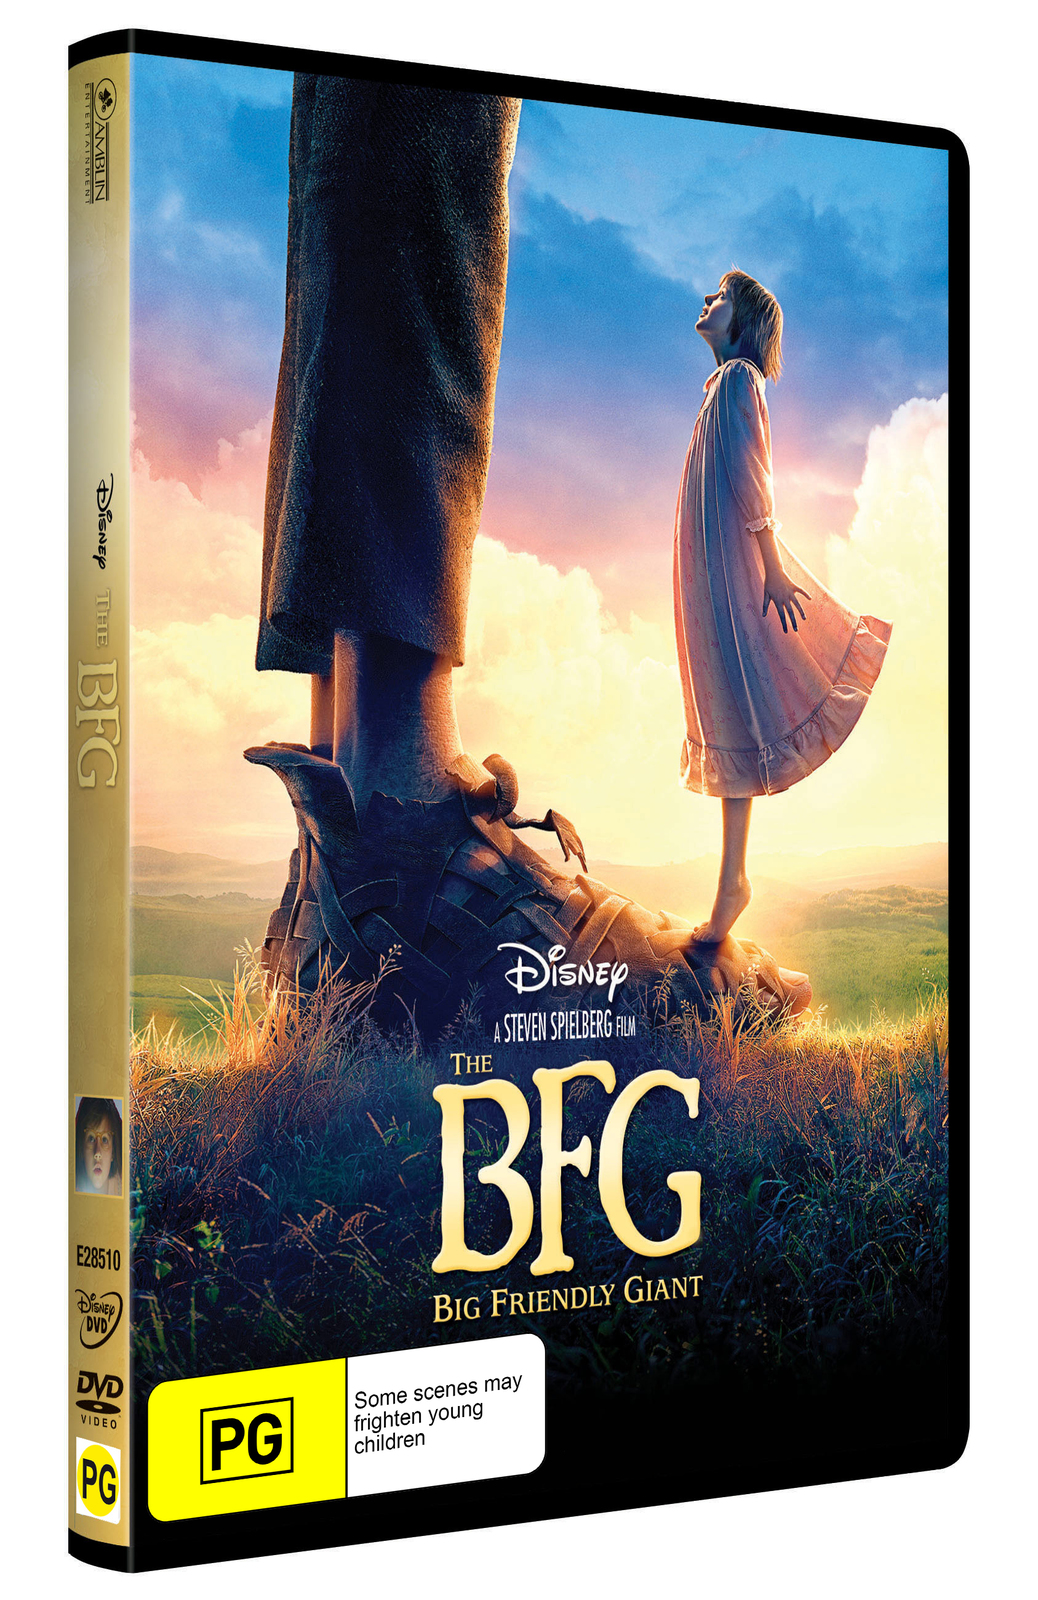 The BFG on DVD image